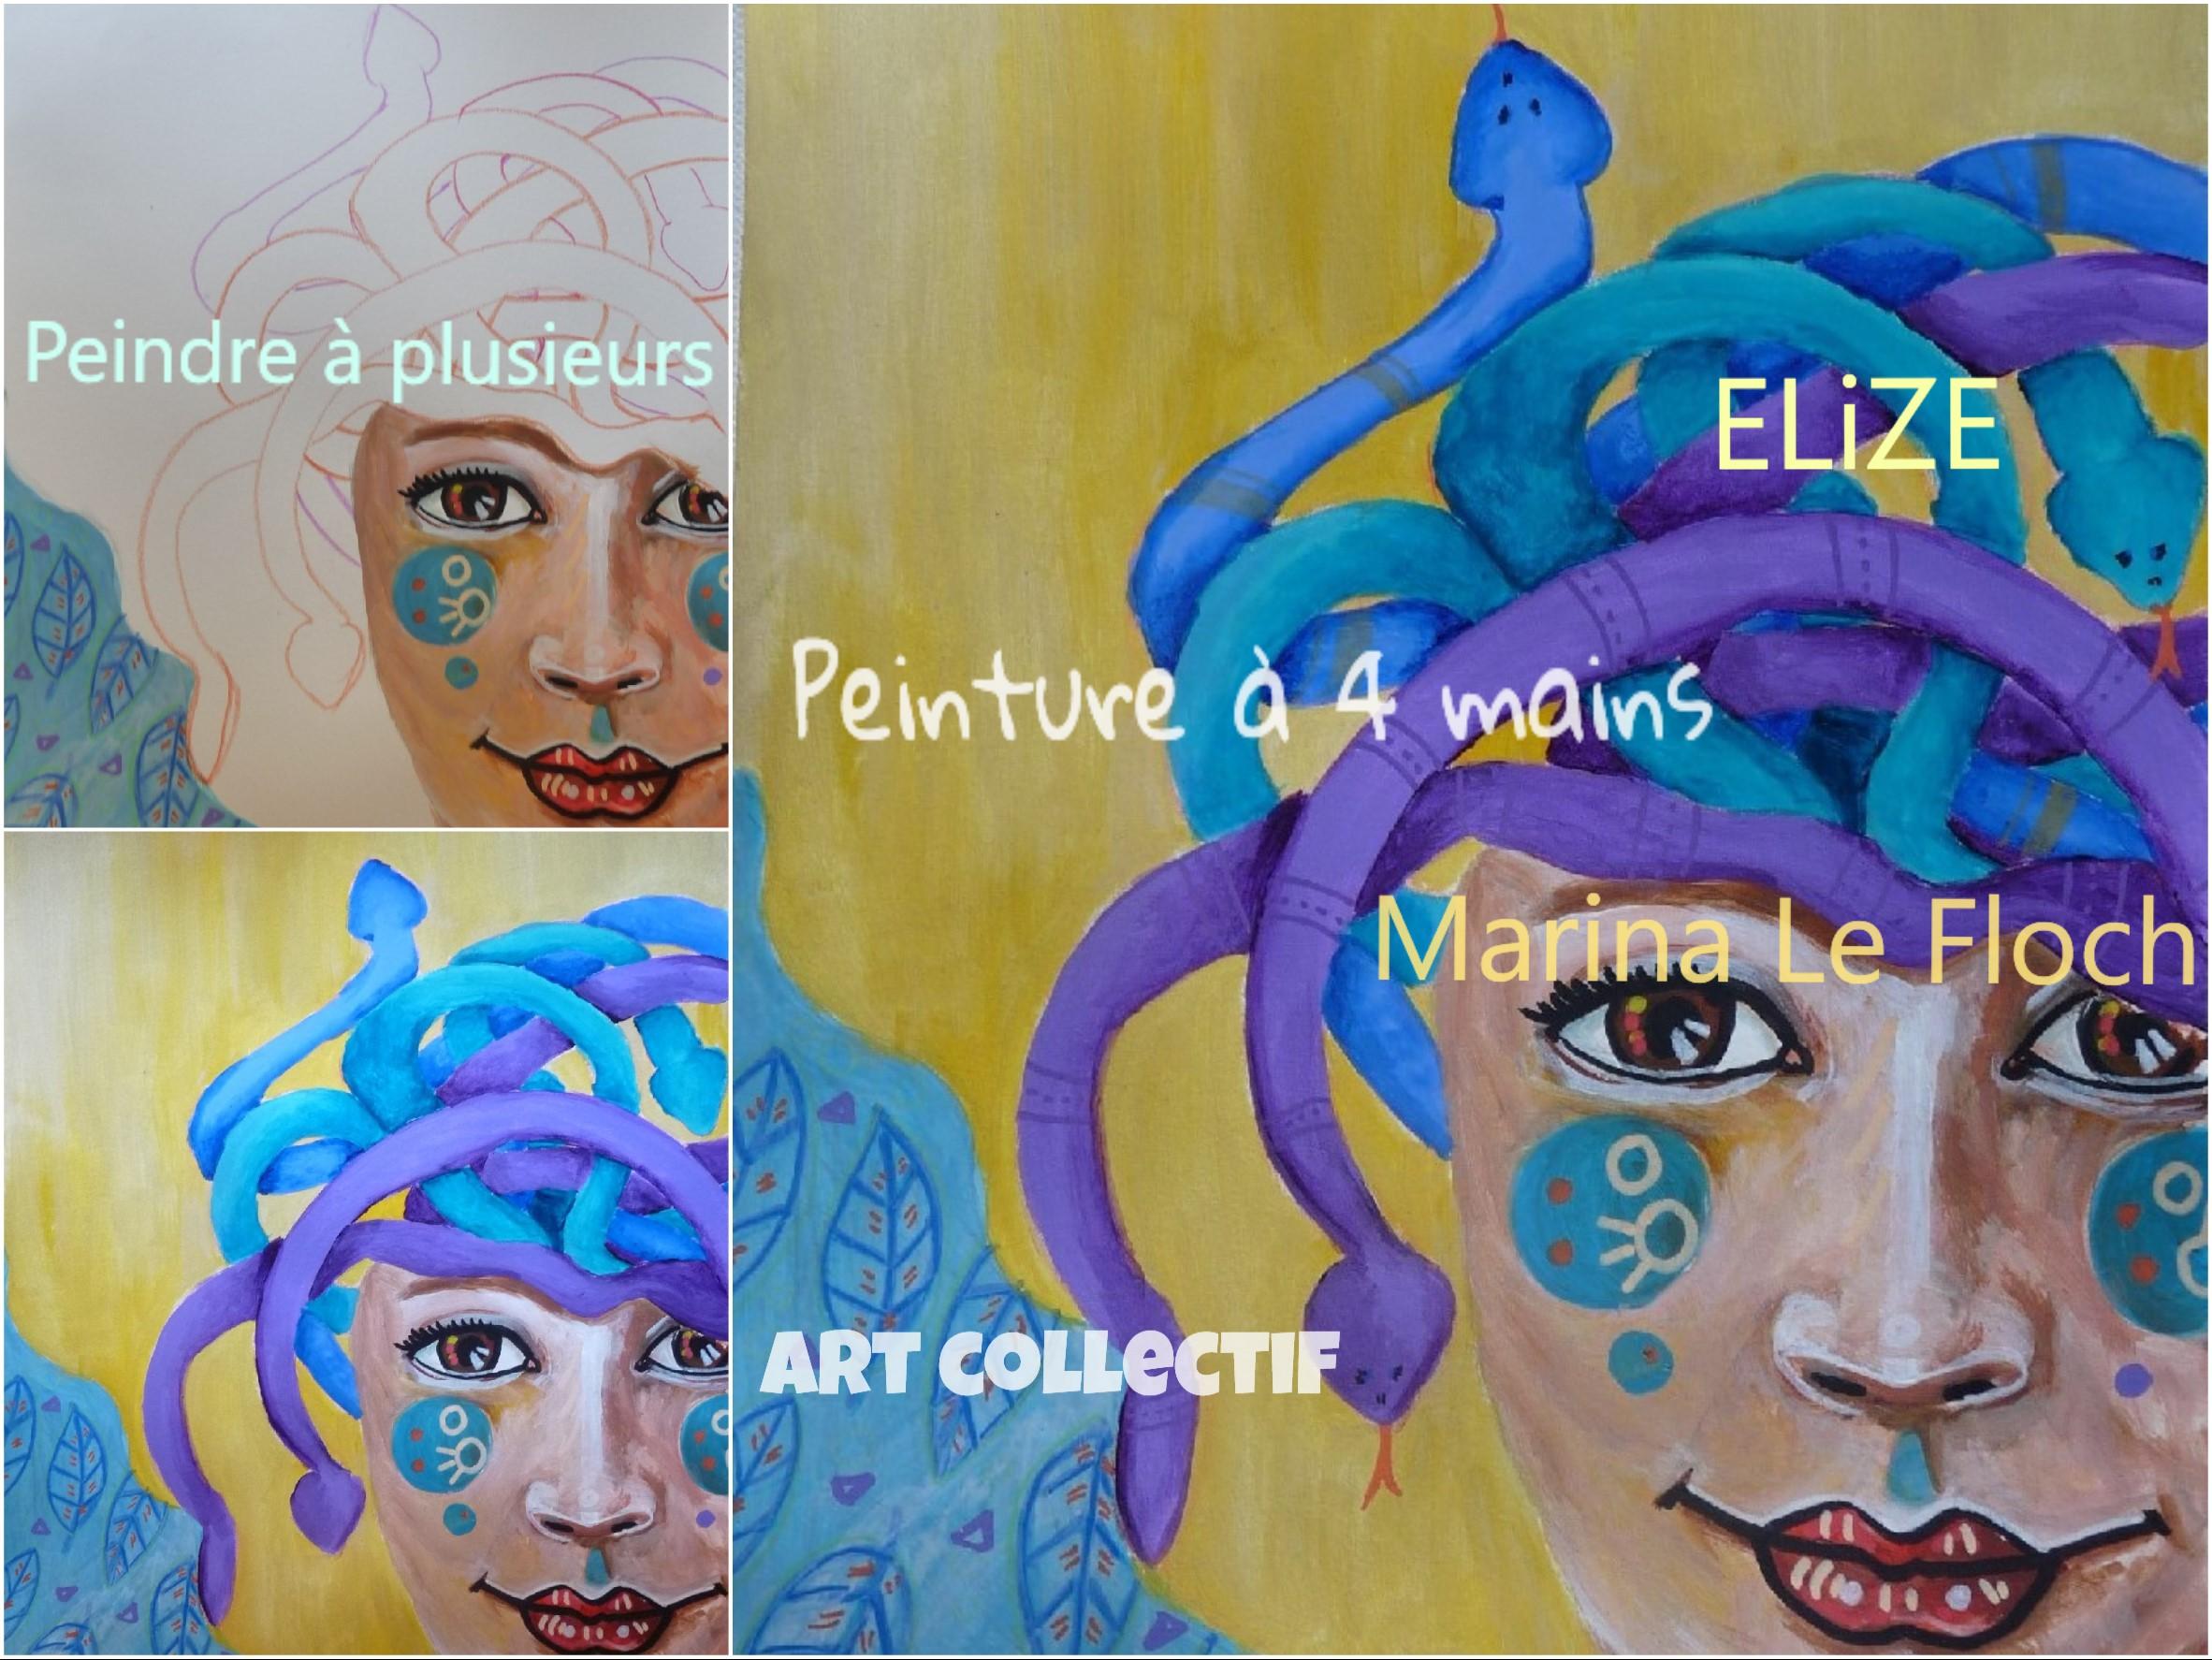 peinture à 4 main Elize Marina Le floch art collectif peinture